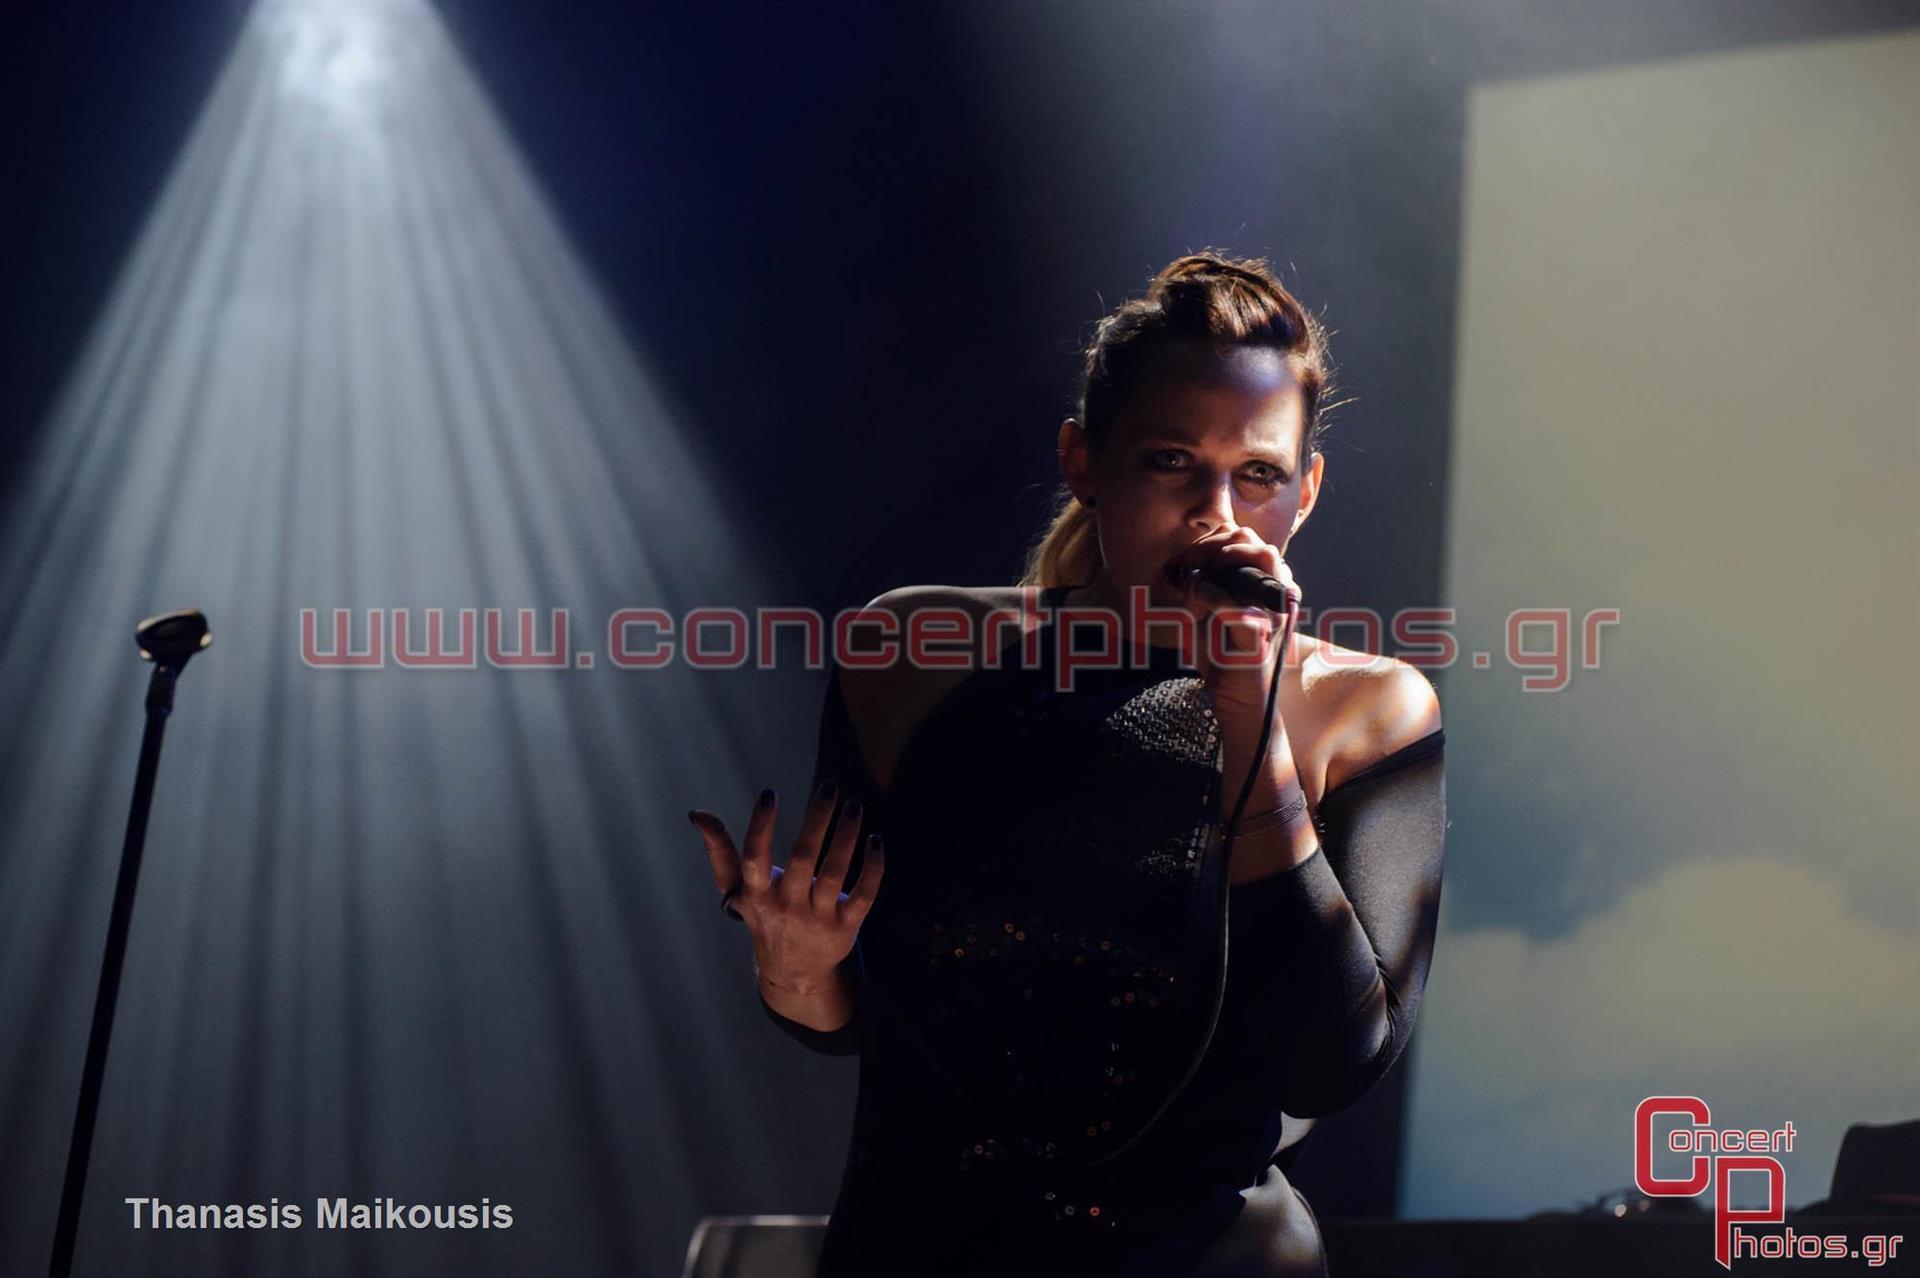 Wax Tailor - photographer: Thanasis Maikousis - ConcertPhotos-7724